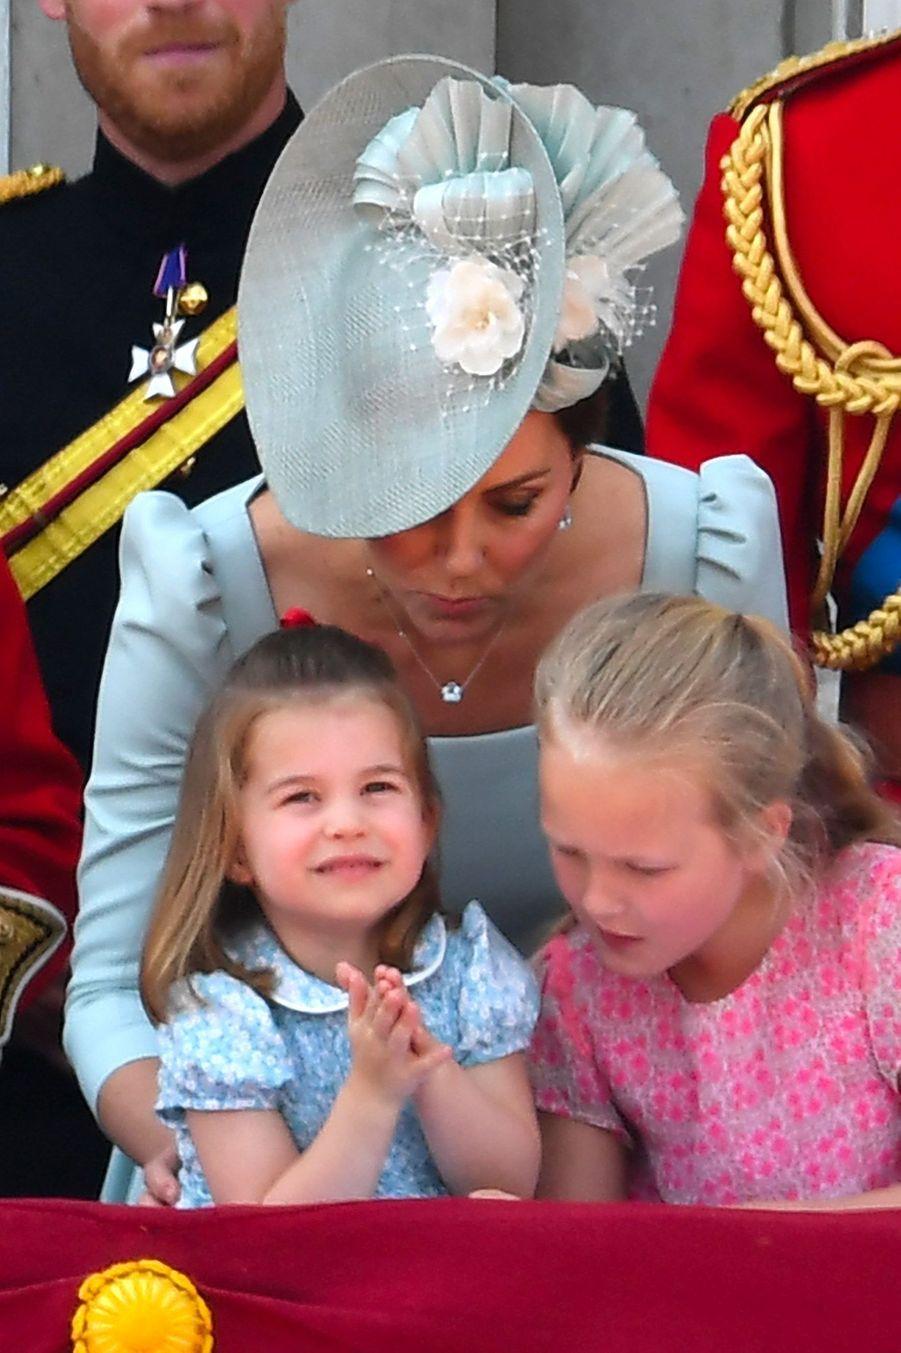 La princesse Charlotte etSavannah Phillips au balcon du Palais deBuckingham, le 9 juin 2018.